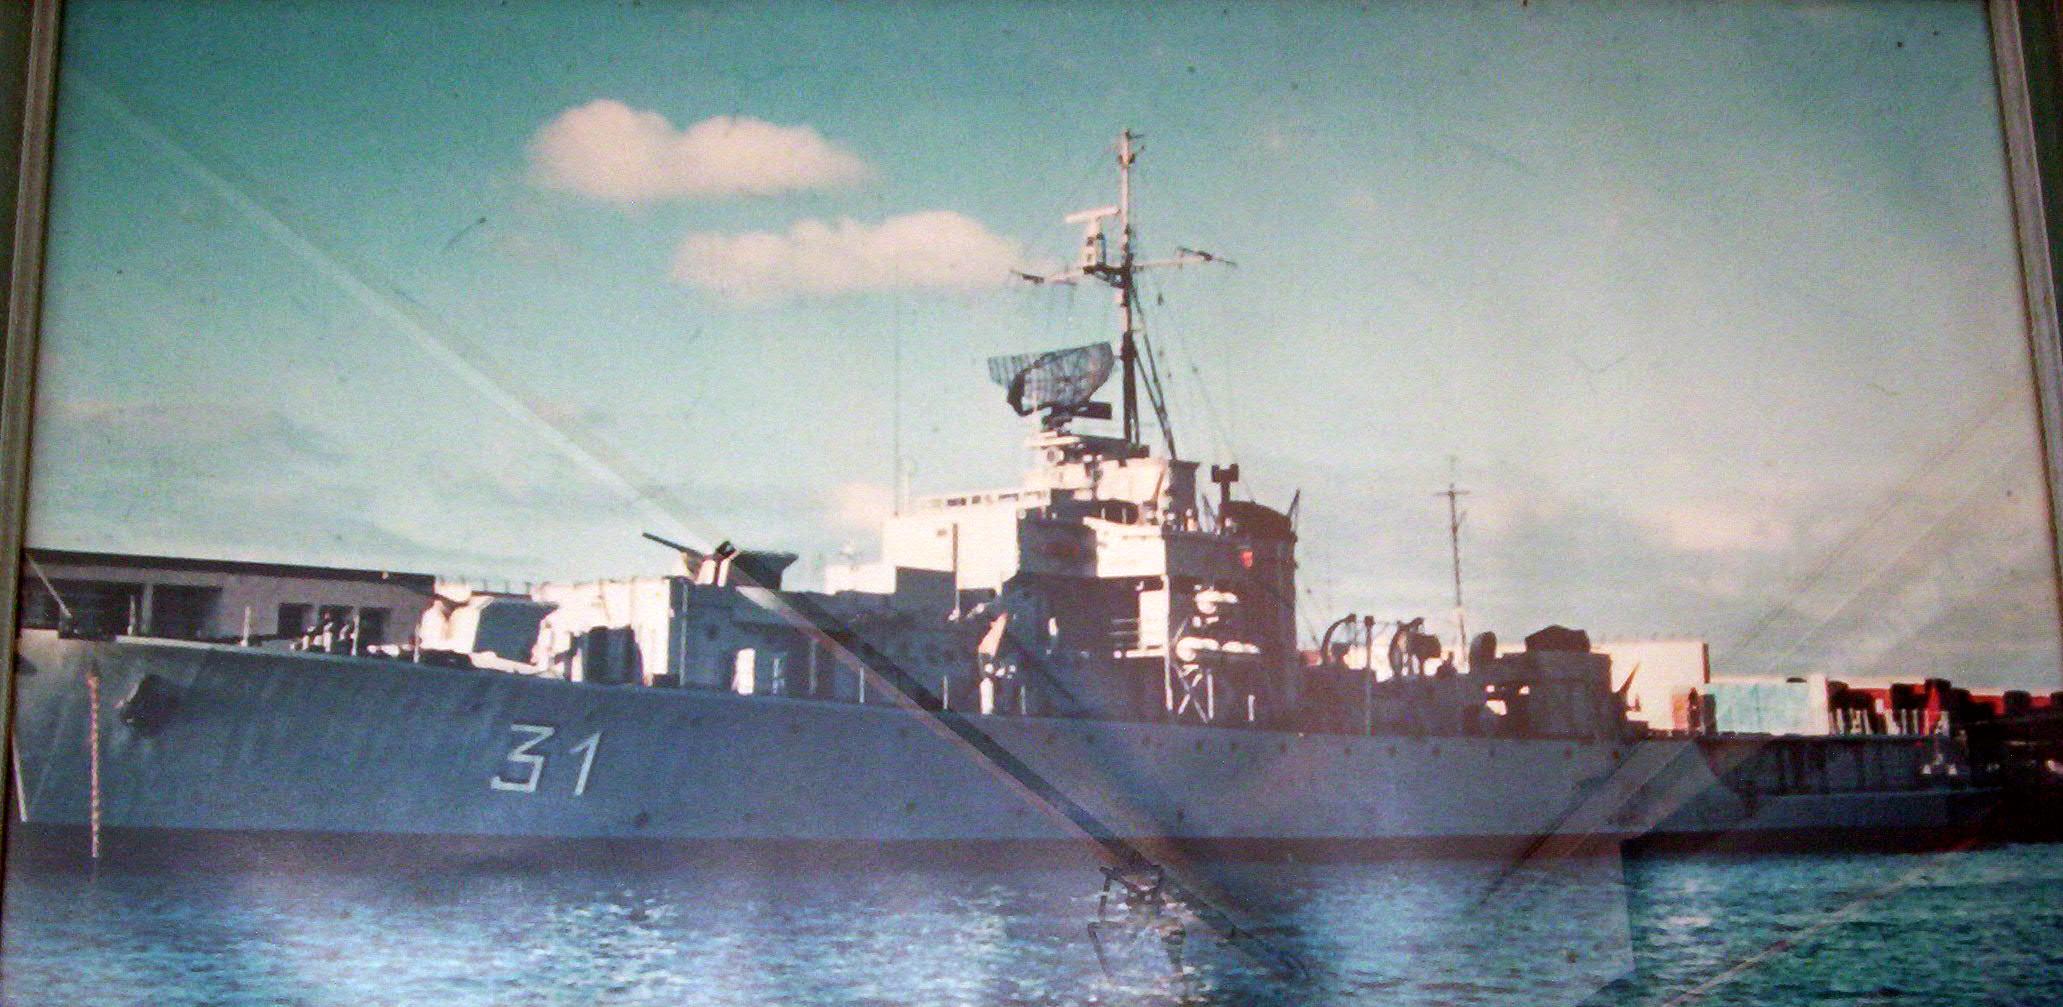 Batiments et navires ayant servie au sein de la MRM - Page 3 35002253476_b47a7d8bdb_o